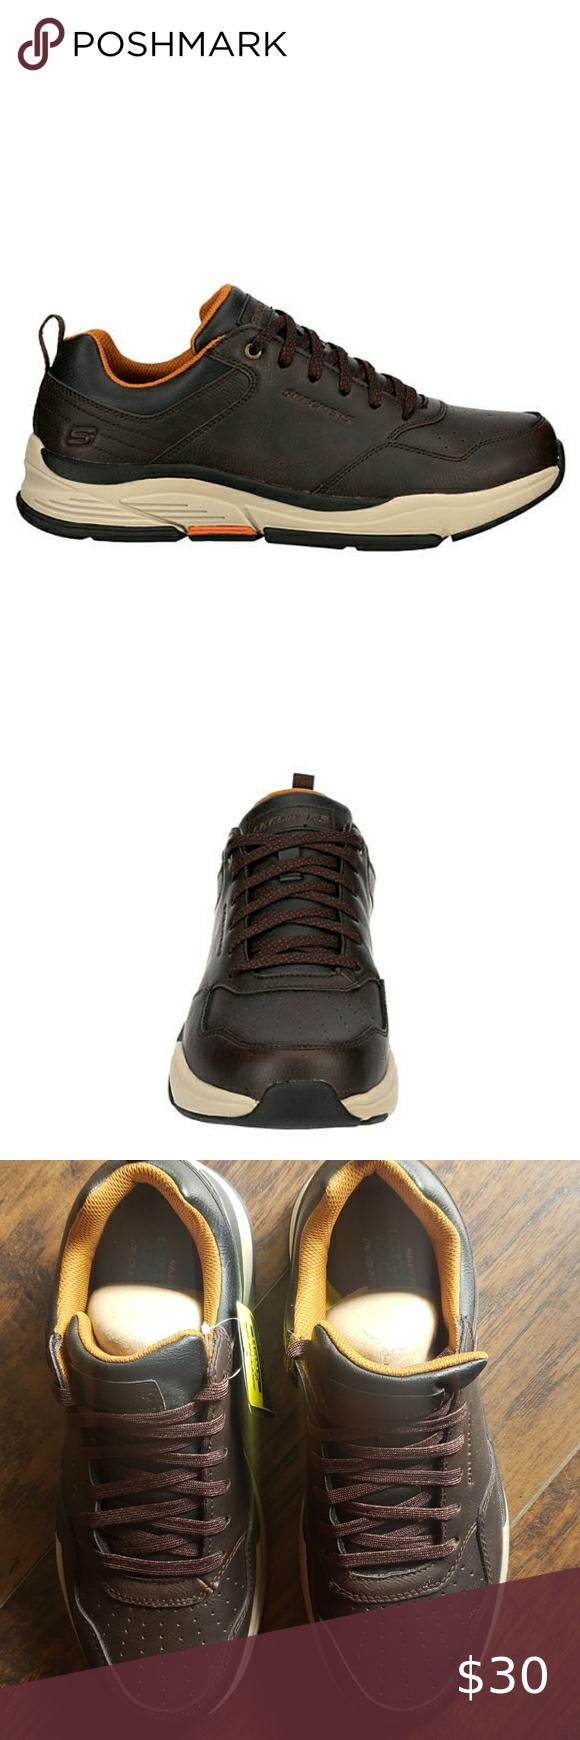 Streetwear shoes, Mens skechers